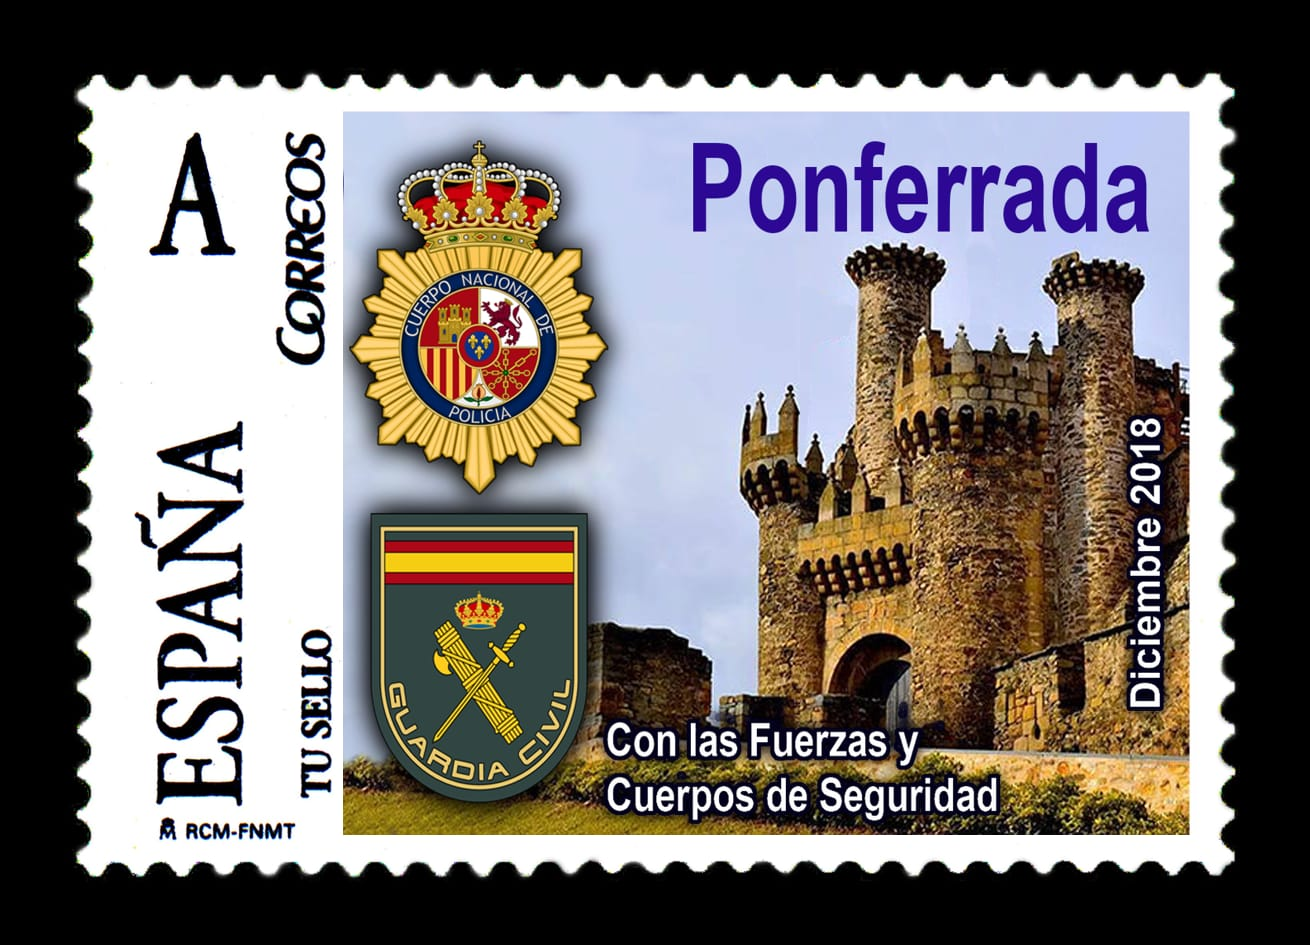 La colección filatélica policial de Manuel Moral se expondrá en el Museo del Bierzo de Ponferrada